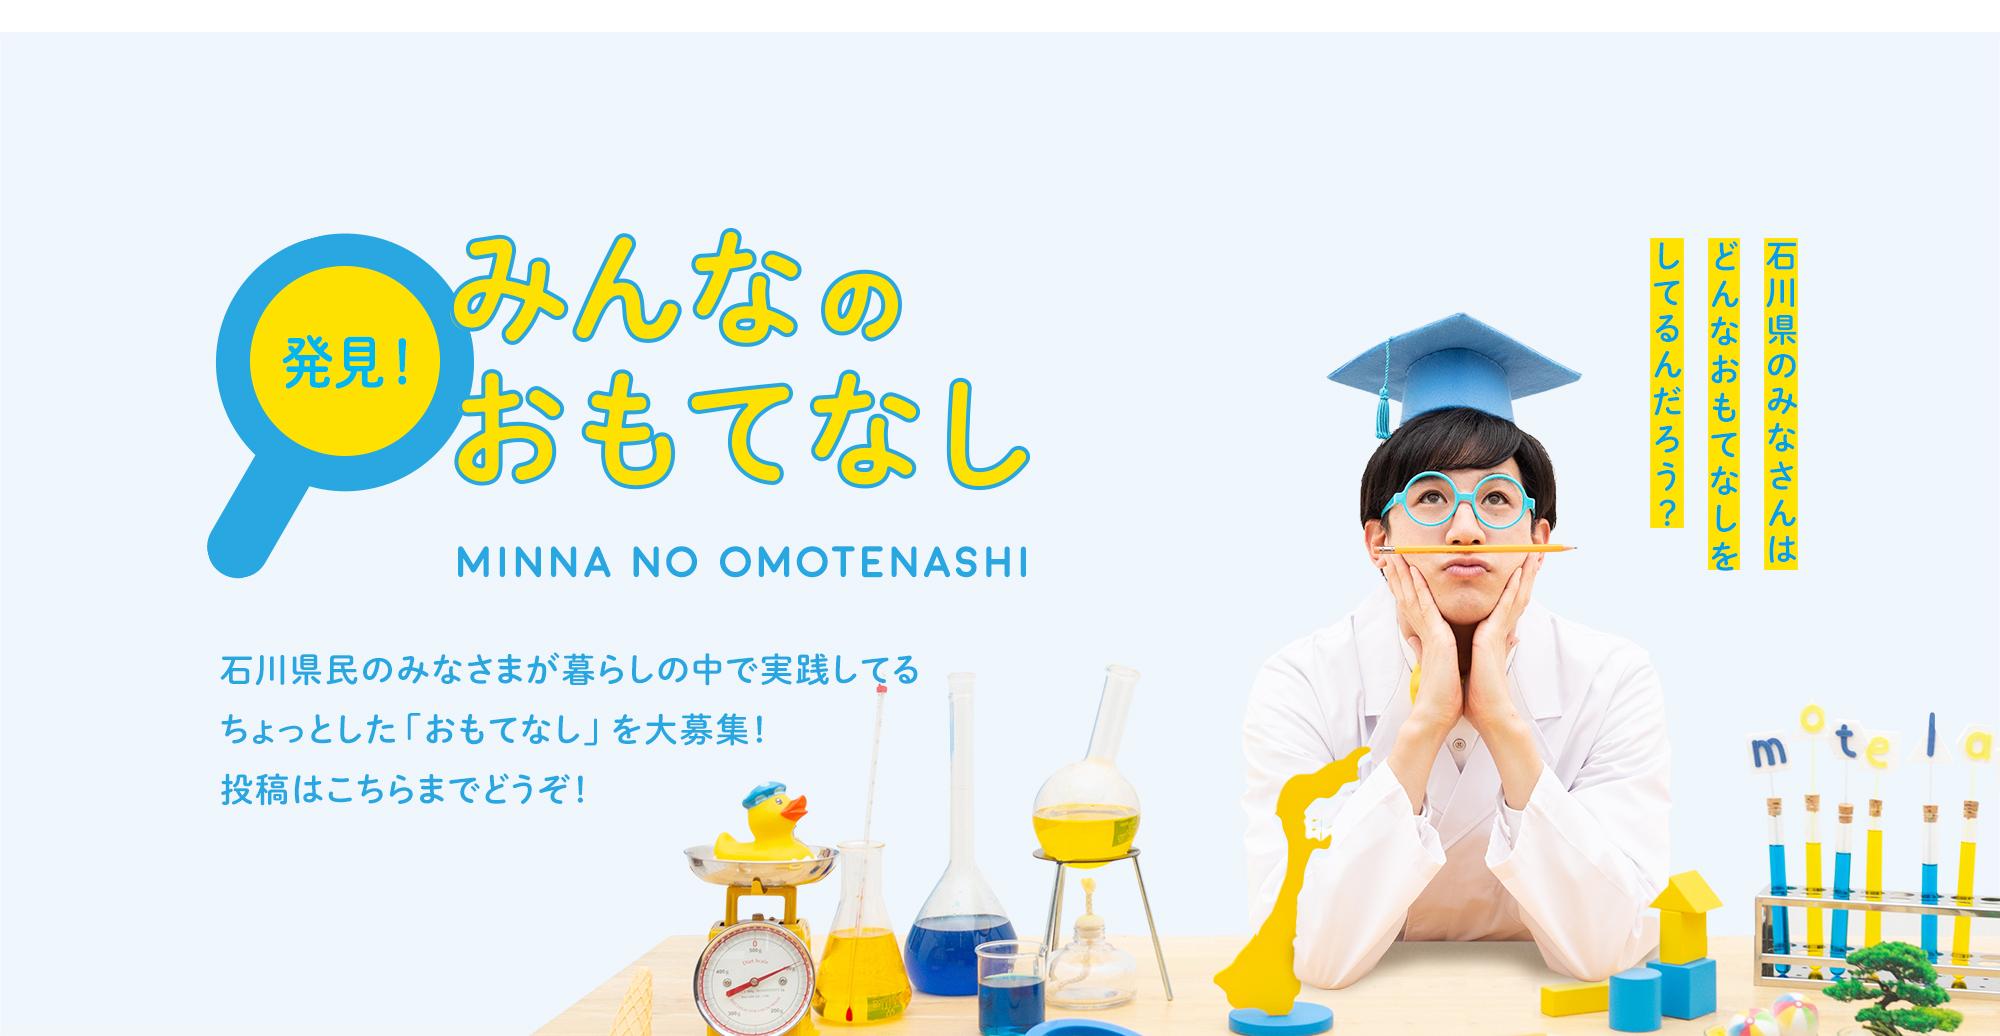 石川県民のみなさんが暮らしの中で実践しているおもてなしを大募集「みんなのおもてなし」